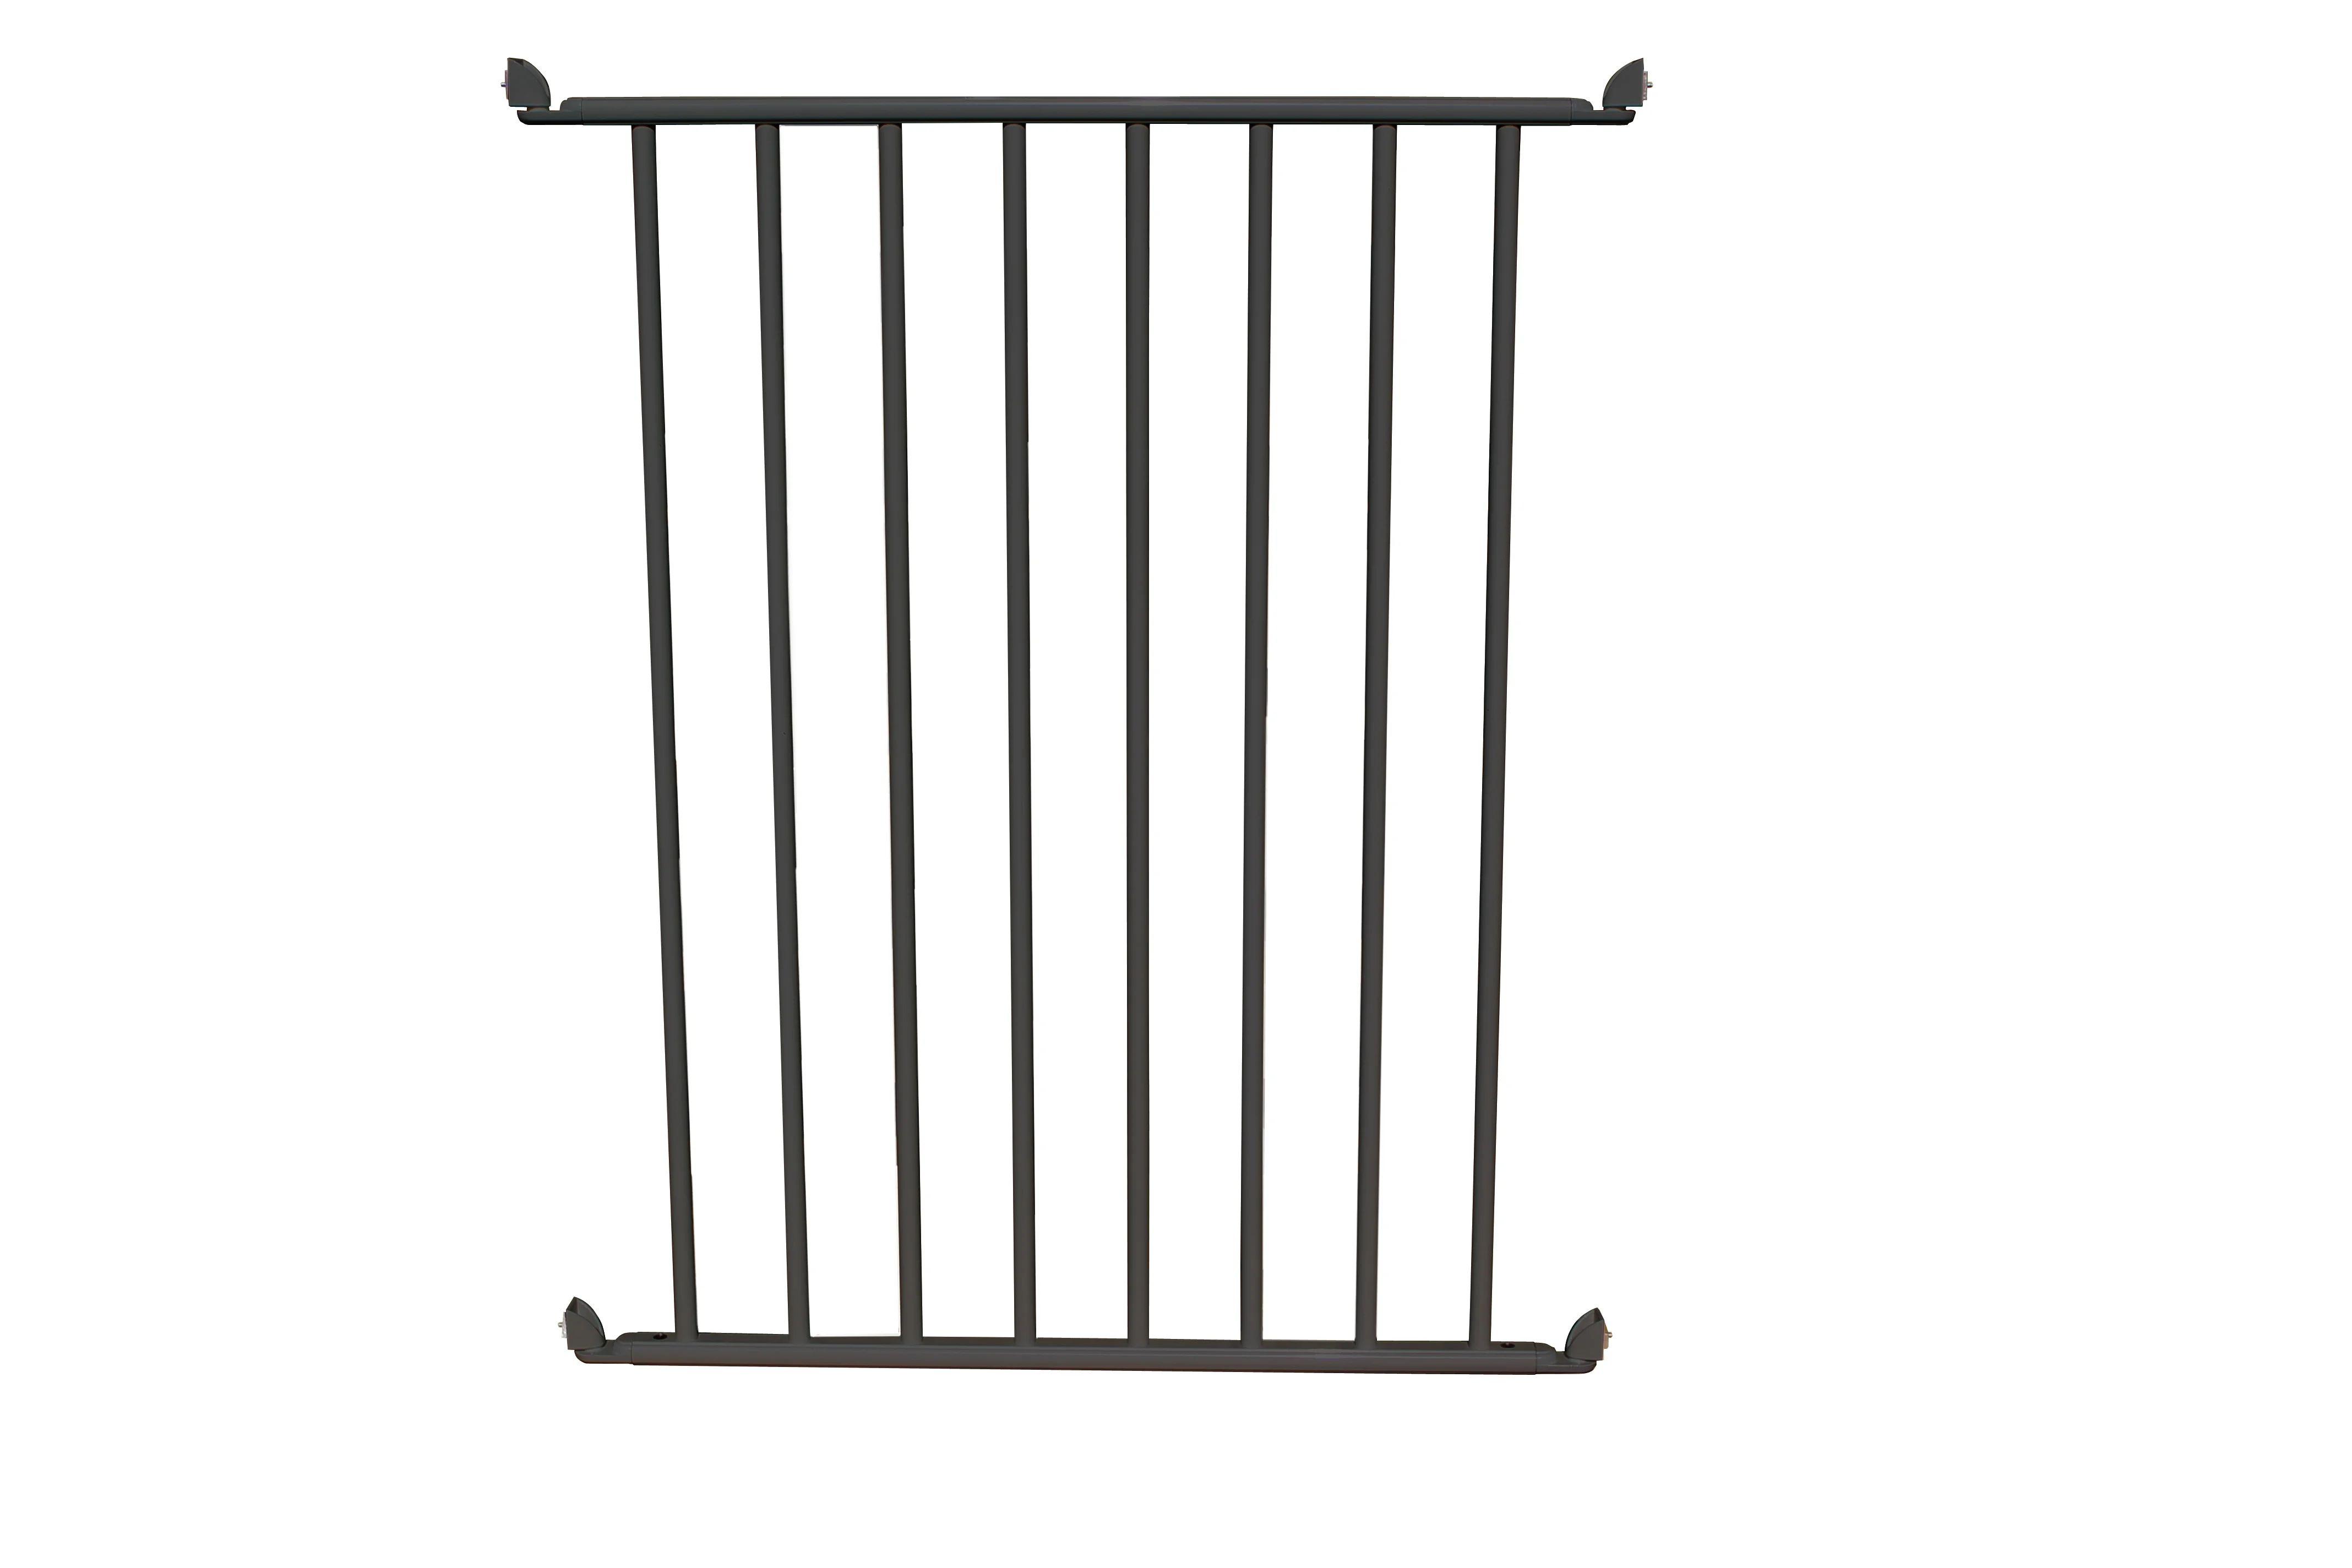 Panneau Barriere Pour Piscine Baya Aluminium Gris H 118 X L 87 Cm Leroy Merlin